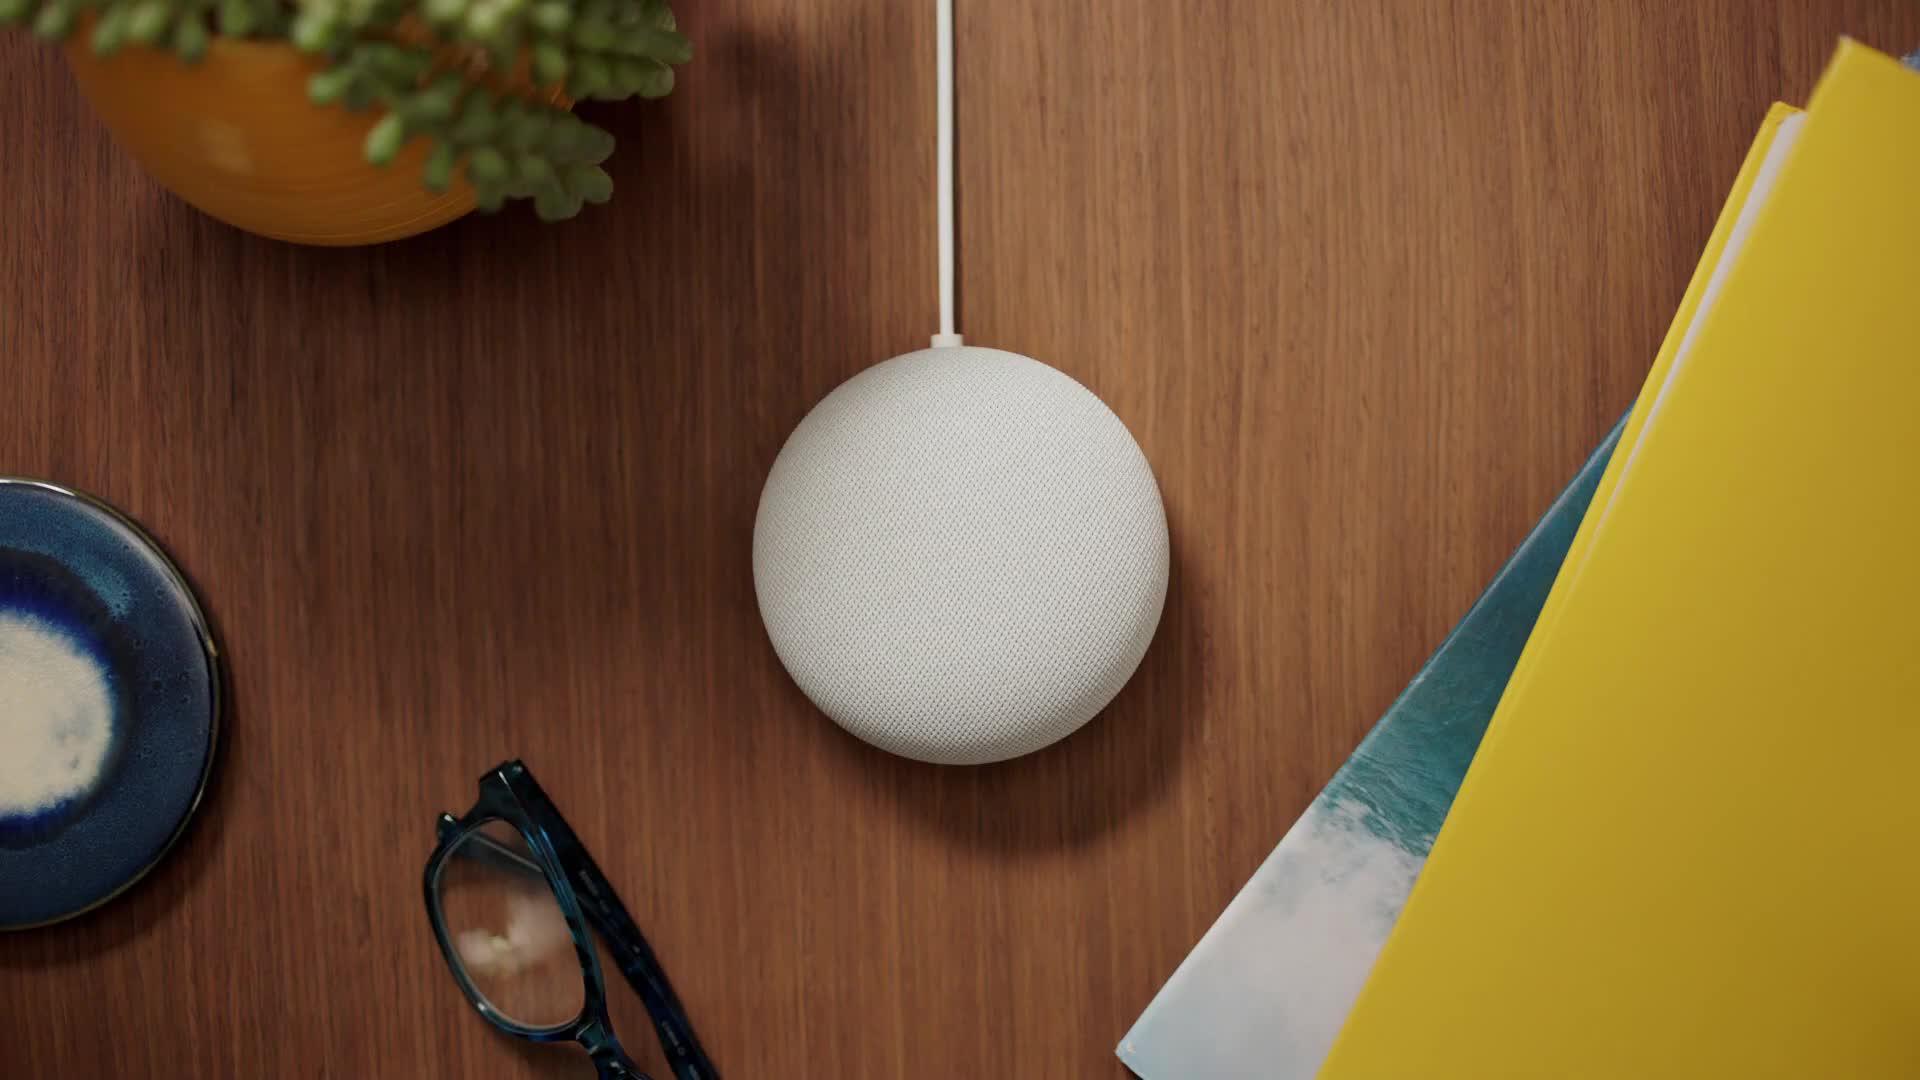 Nest Mini نيست ميني: مميزات وسعر سماعة جوجل الذكية